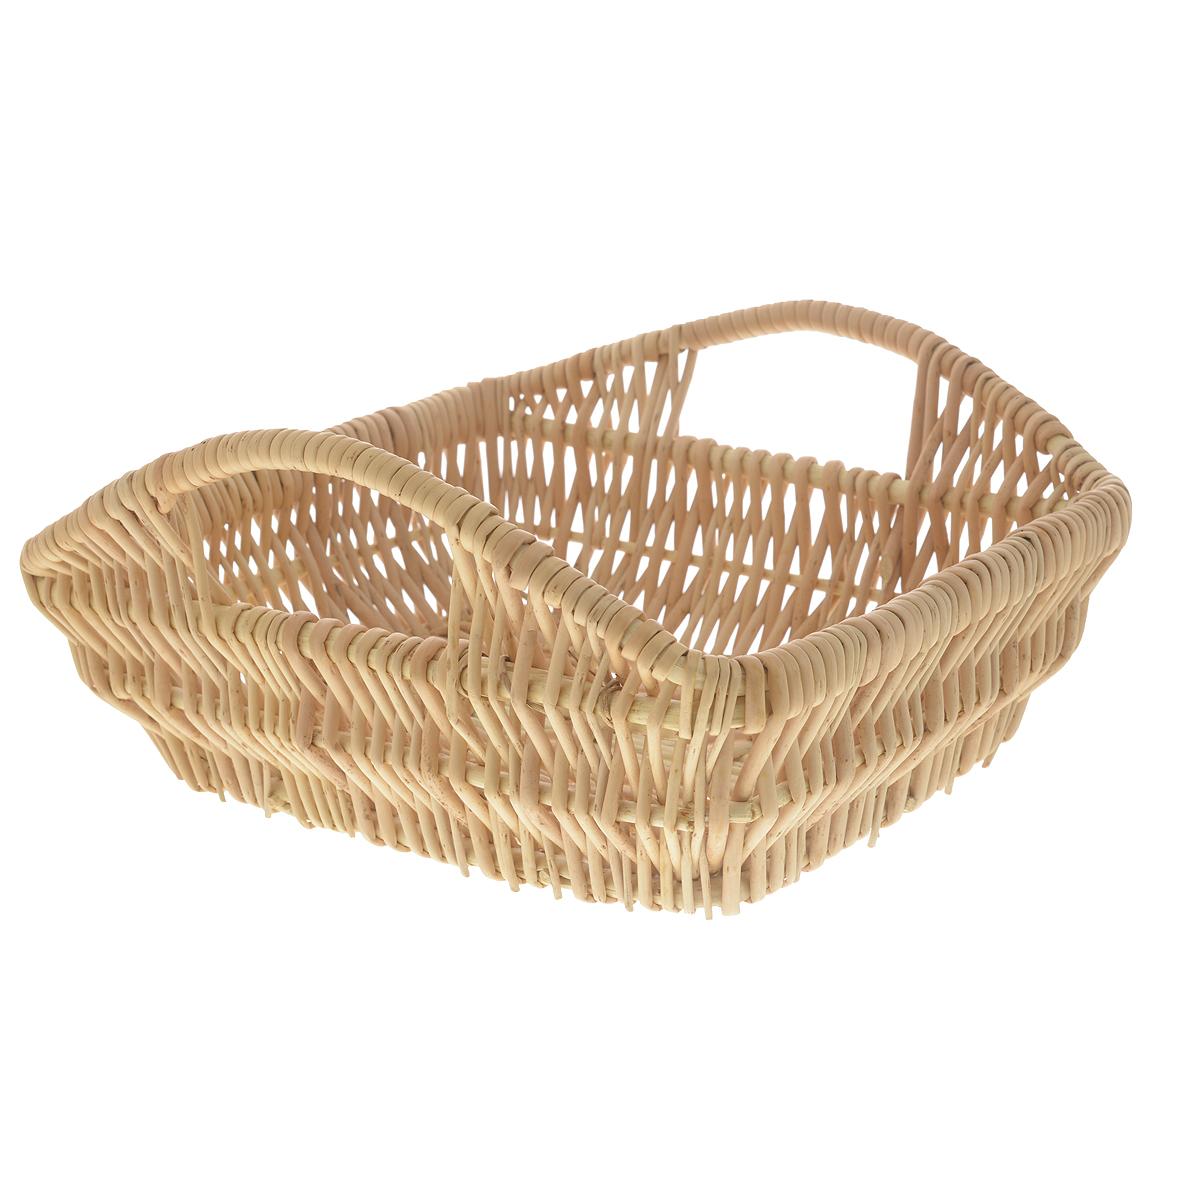 Корзина Kesper, 29 см х 23 см х 9,5 см1983-6Прямоугольная корзина Kesper изготовлена из натурального плетеного волокна. Она предназначена для хранения фруктов, хлеба, а также мелочей дома или на даче. Позволяет хранить мелкие вещи, исключая возможность их потери. Изделие оснащено удобными ручками.Корзина очень вместительная. Элегантный выдержанный дизайн позволяет органично вписаться в ваш интерьер и стать его элементом.Материал: натуральное волокно.Размер корзины по верхнему краю (без учета ручек): 29 см х 23 см.Размер корзины по верхнему краю (с учетом ручек): 29 см х 29 см.Высота корзины (без учета ручек): 9,5 см.